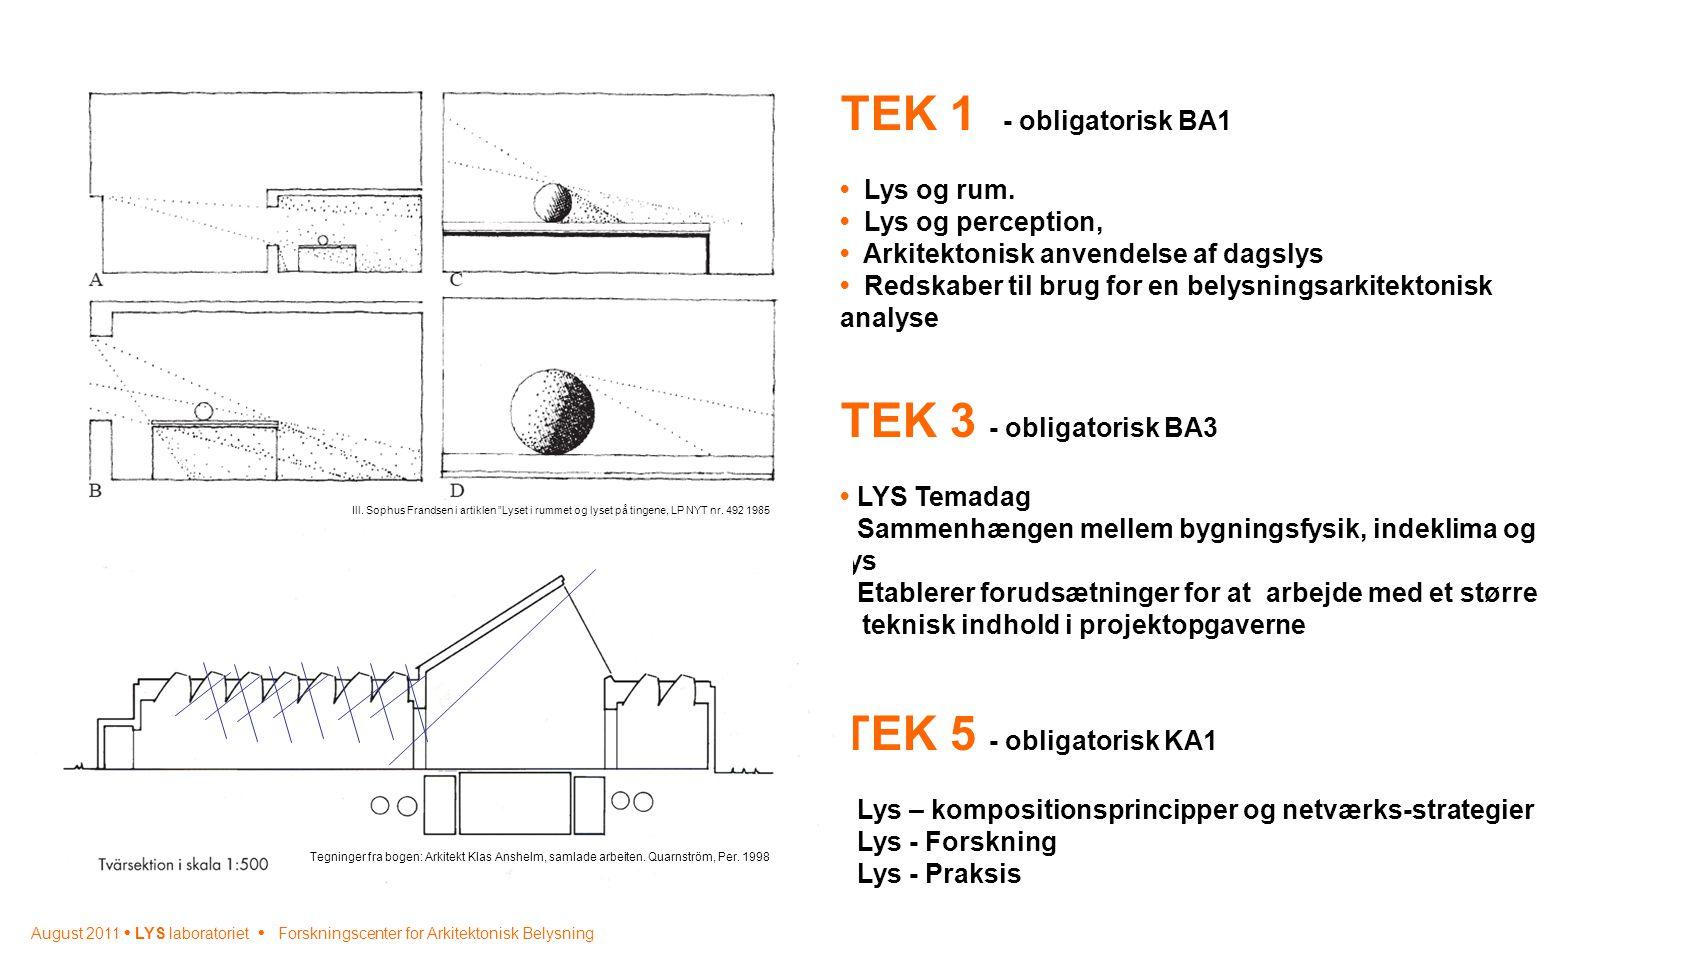 TEK 1 - obligatorisk BA1 TEK 3 - obligatorisk BA3